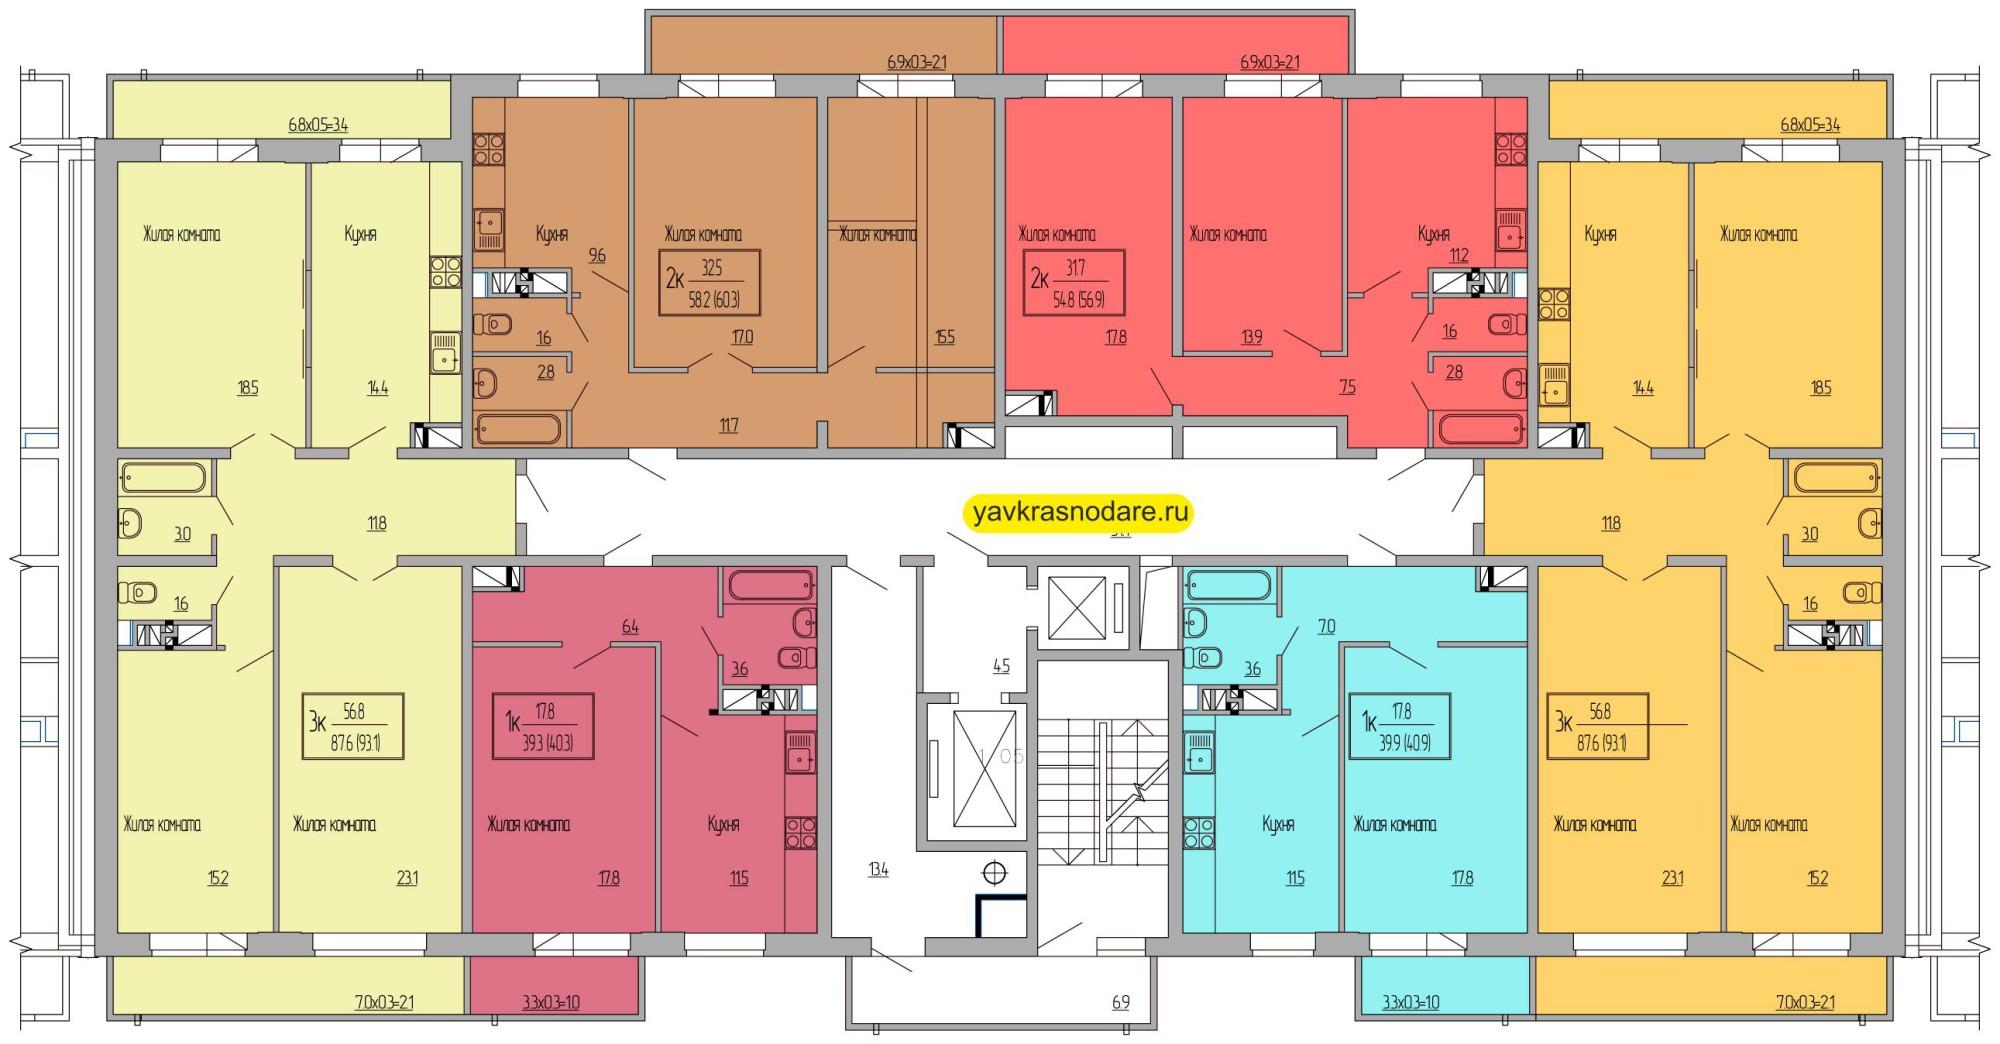 Атмосфера, 2 подъезд, 16-18 этажи